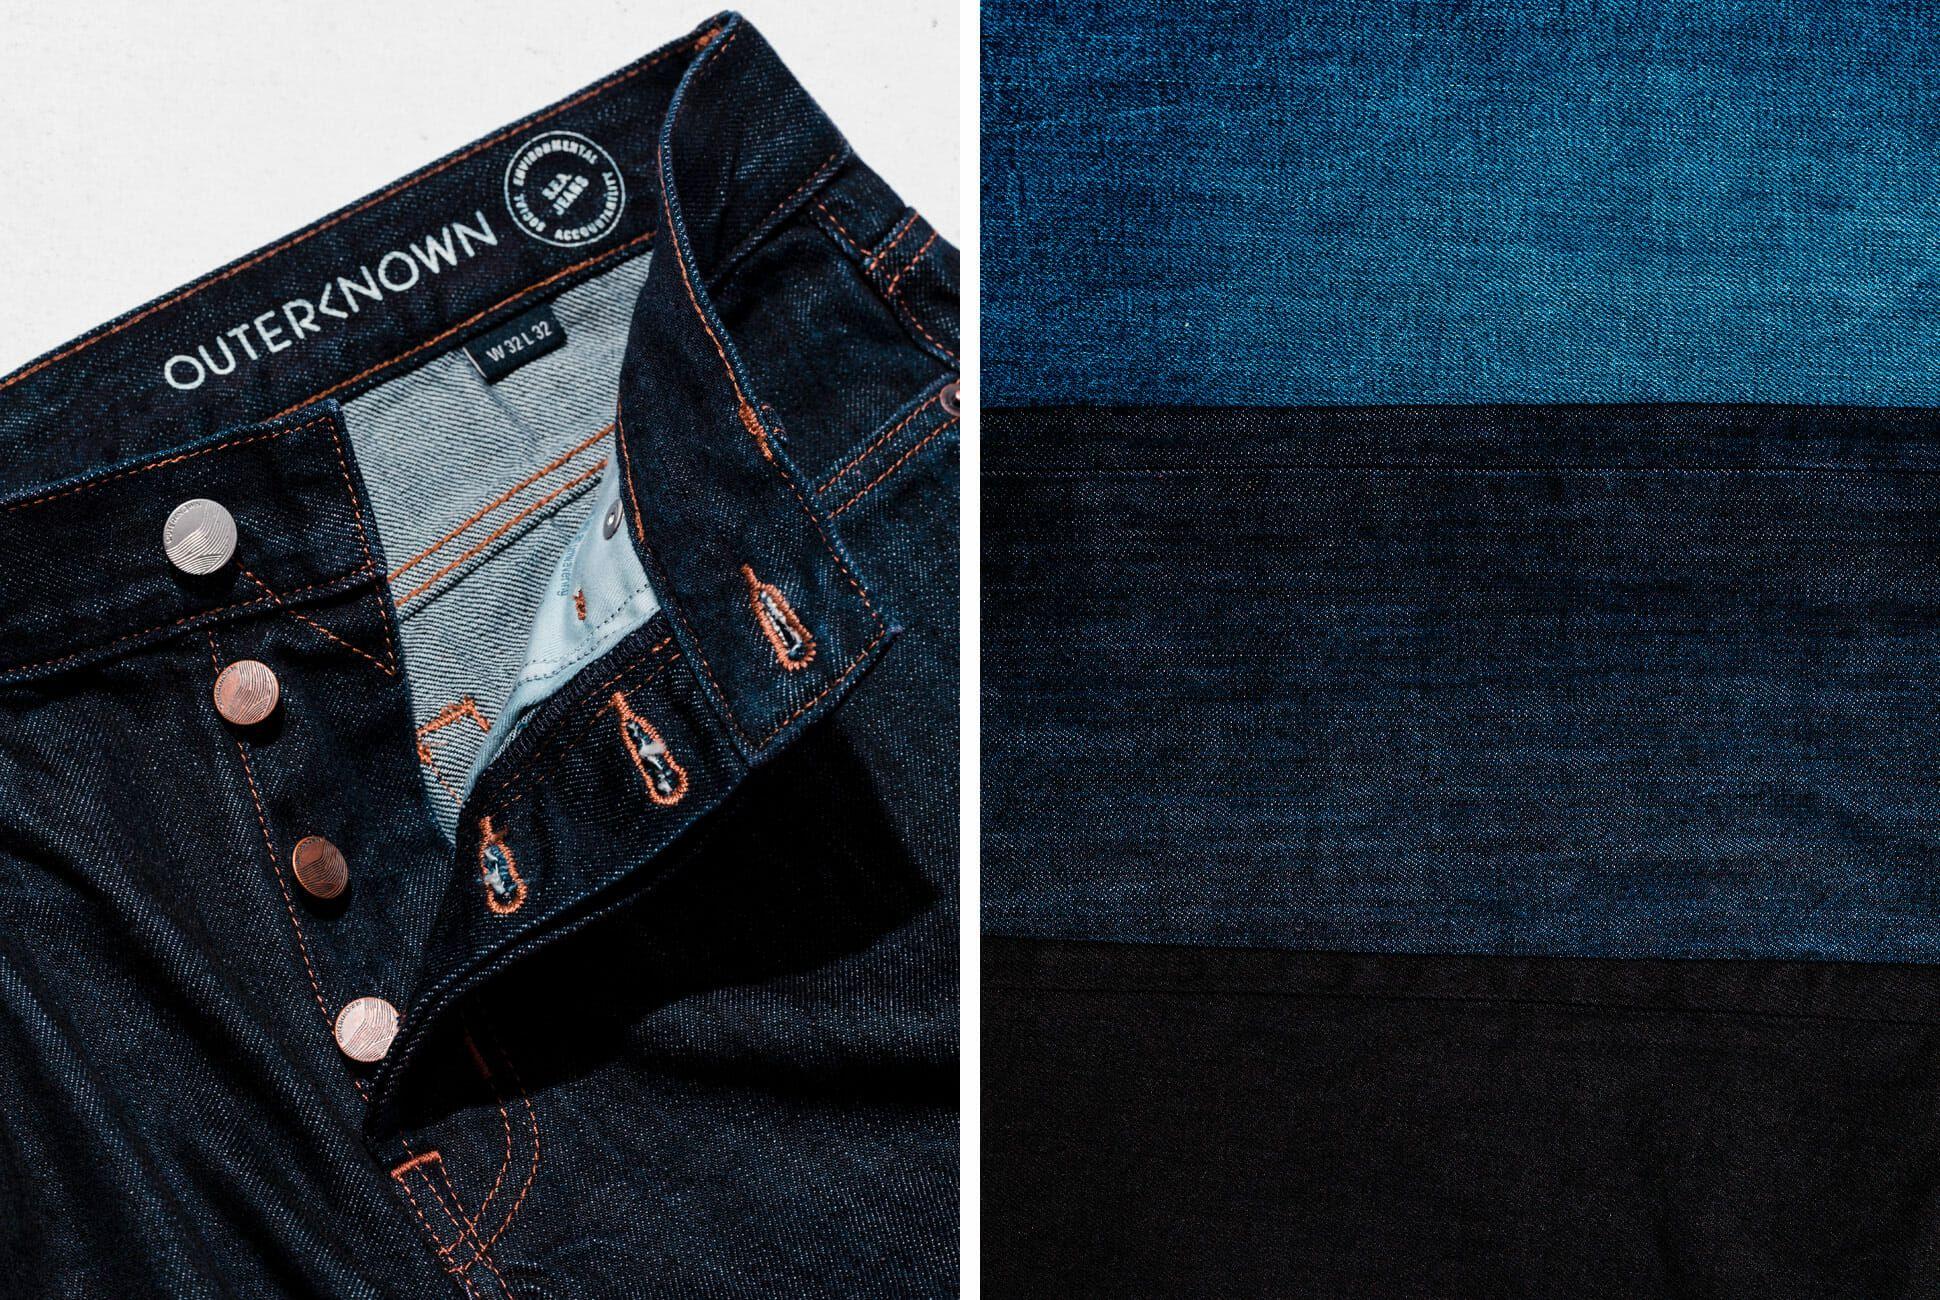 Outerknown-SEA-Jeans-gear-patrol-slide-3